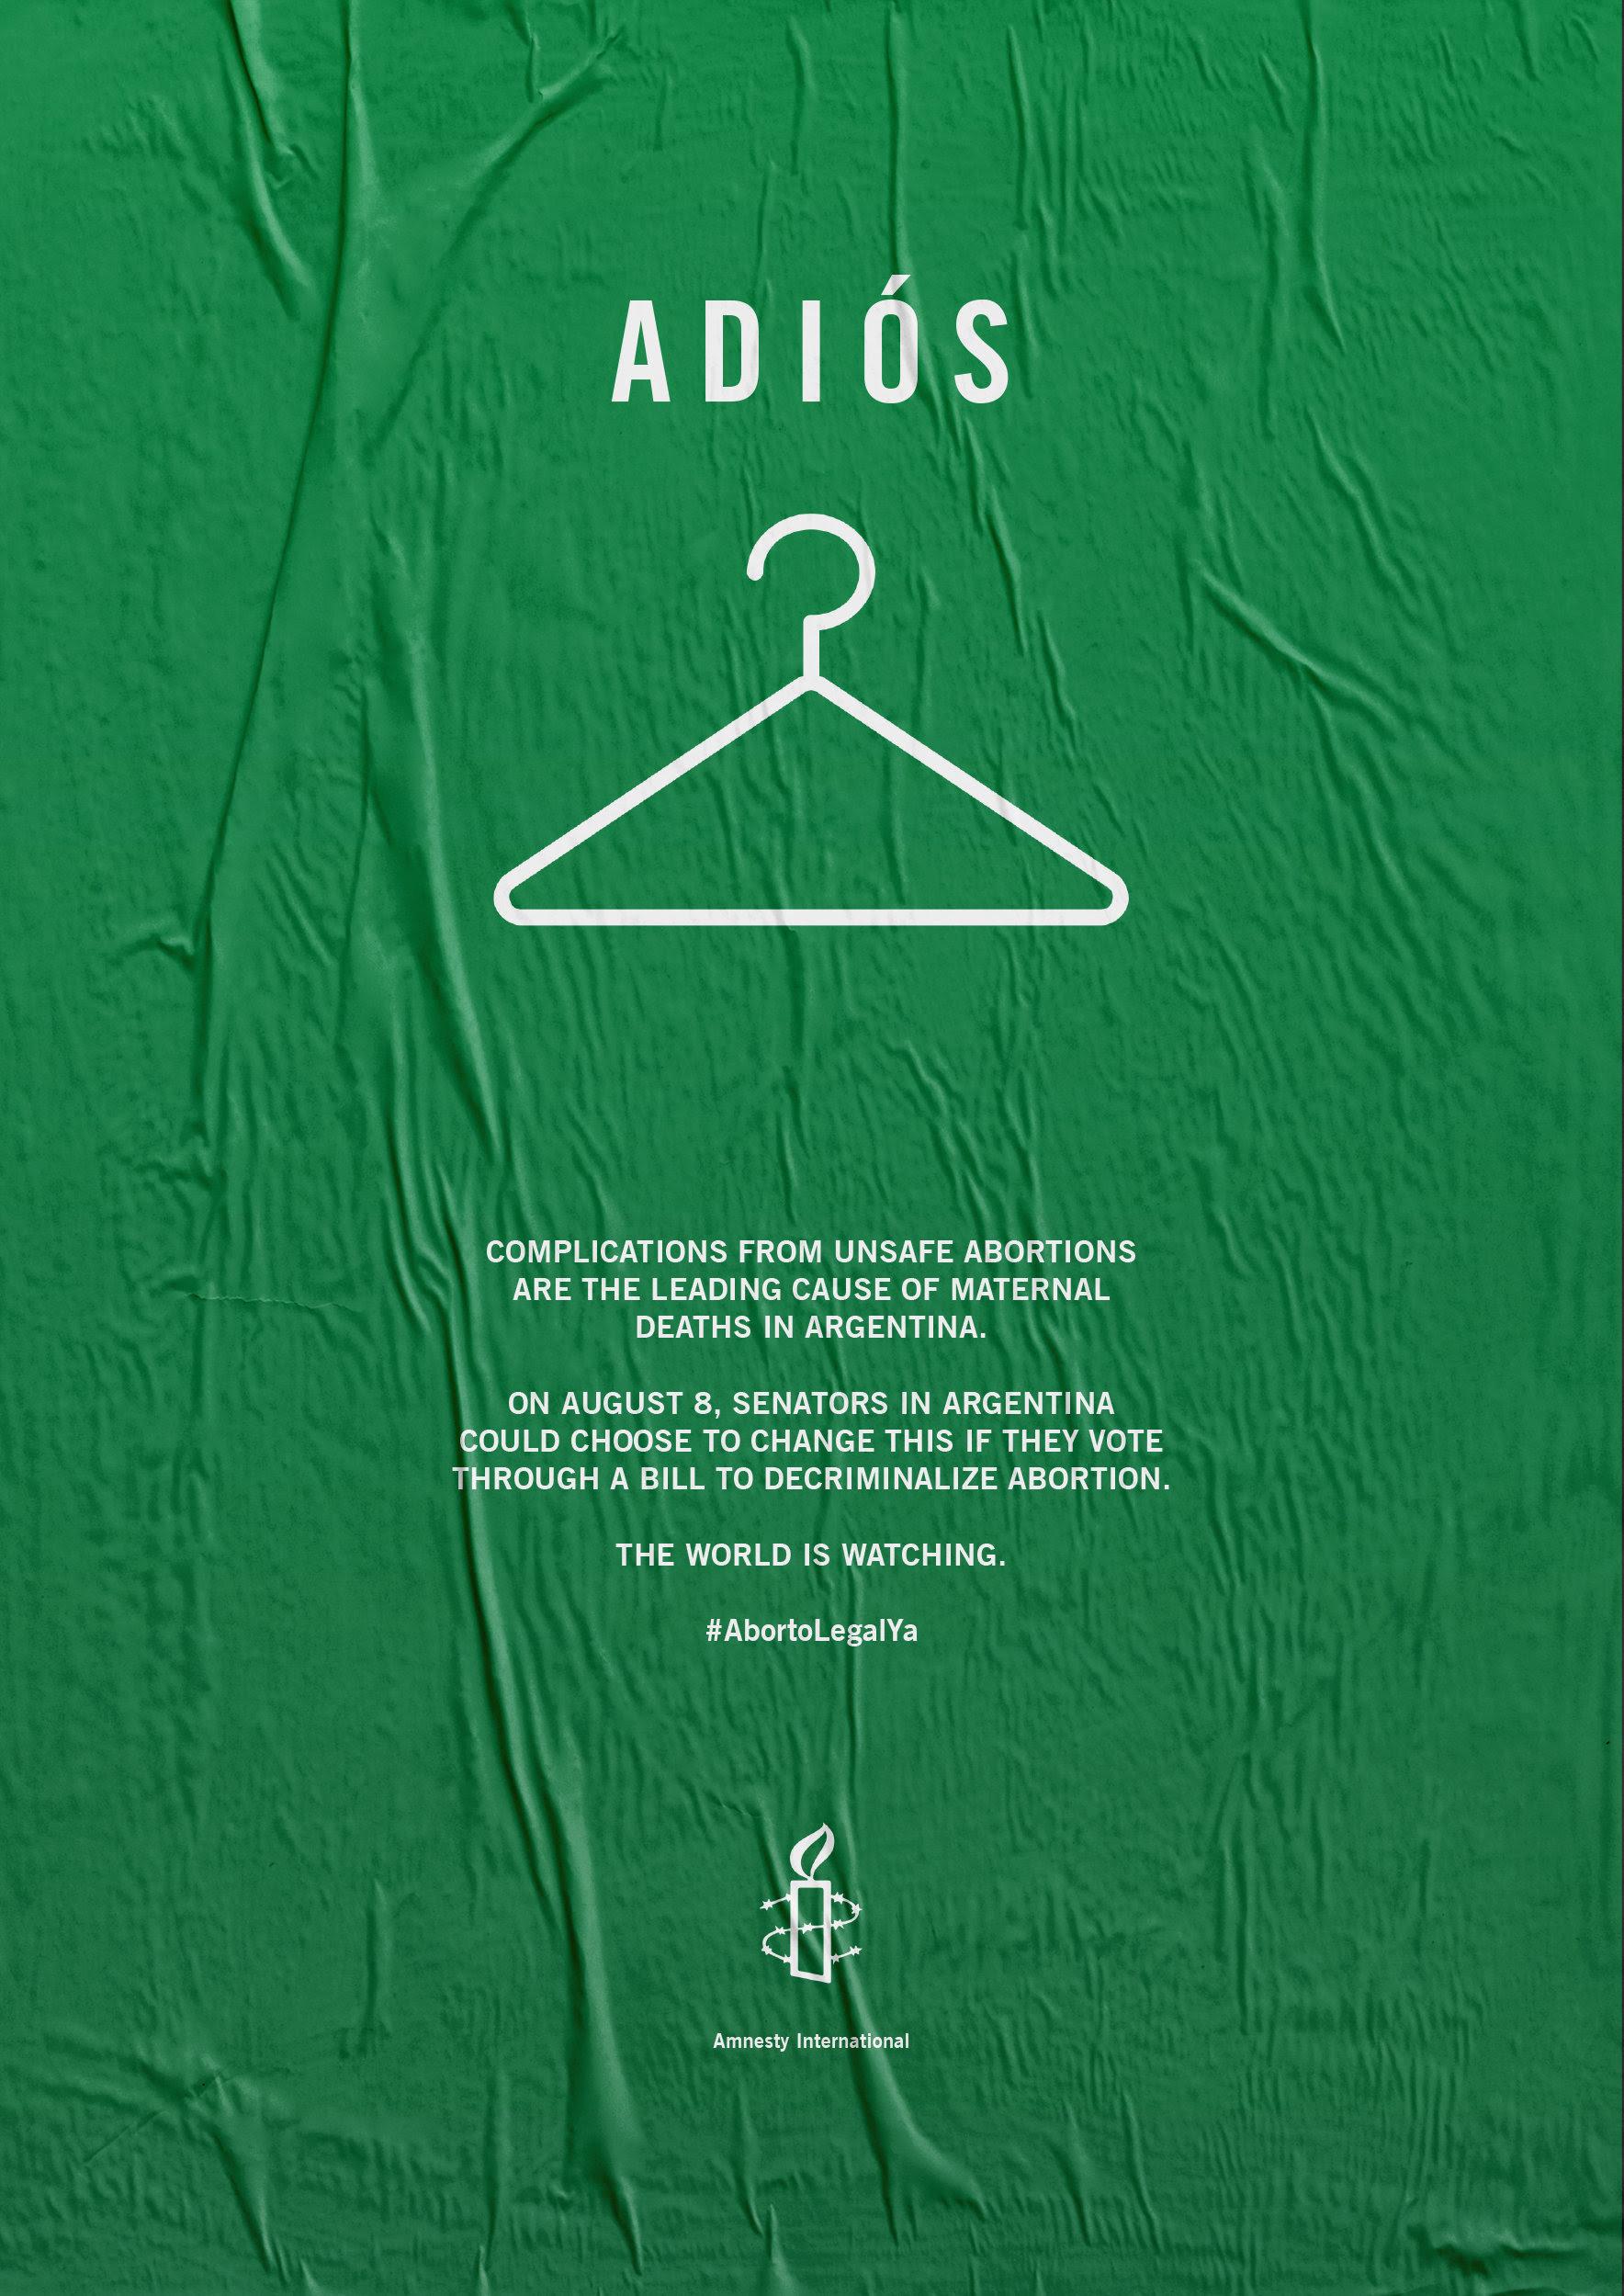 La contratapa del New York Times de Amnistía Internacional por el aborto legal, seguro y gratuito en Argentina